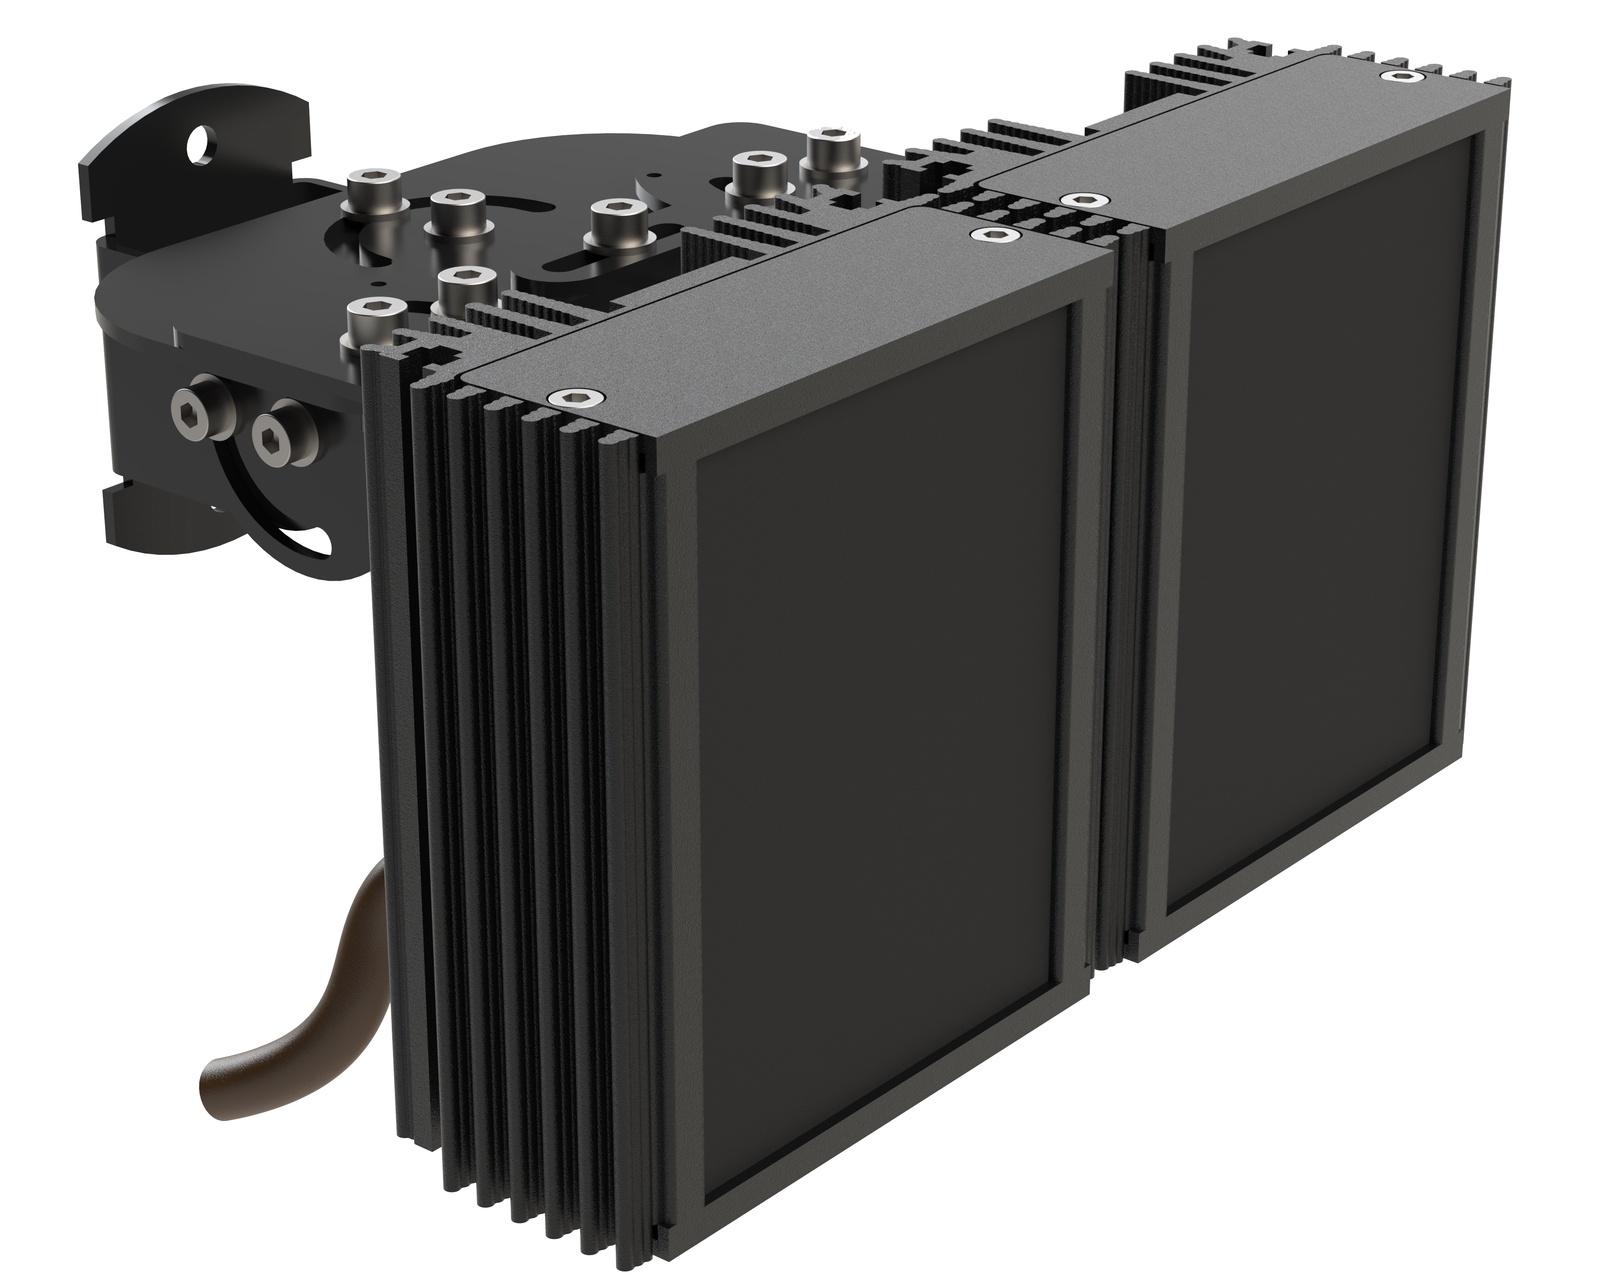 Инфракрасный прожектор Microlight IR VARIO L 2.8-12/37 с регулировкой угла для камеры с объективом 2,8-12 мм. Дальность до 100 метров ночного видения Уличный IP67